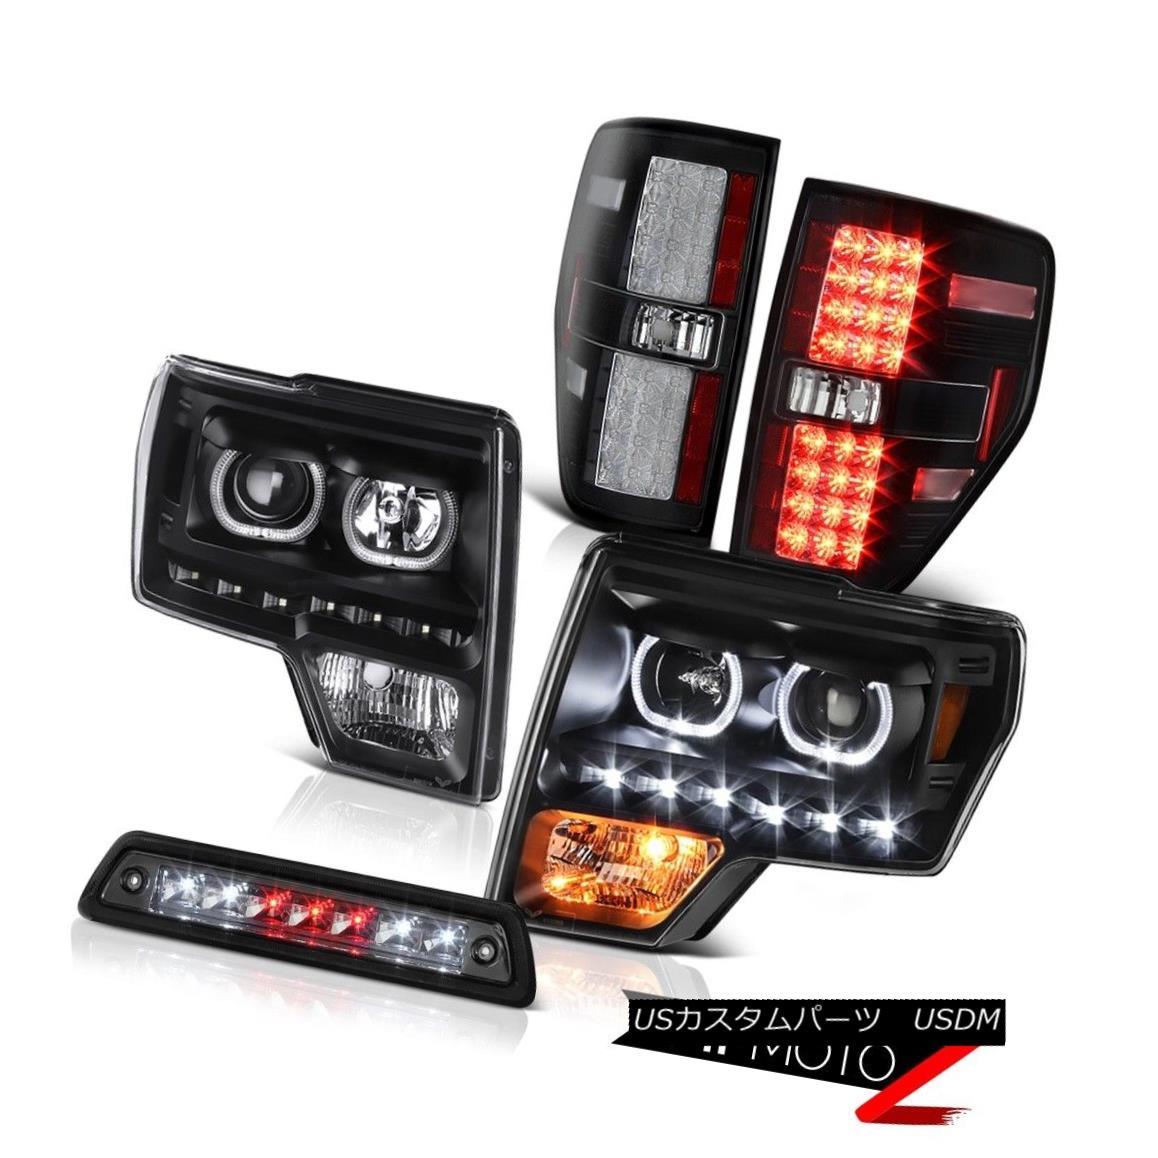 テールライト 2009-2014 FORD 150 3.5L Roof brake lamp tail lights projector Headlamps Halo Rim 2009-2014フォード150 3.5L屋根のブレーキランプテールライトプロジェクターヘッドランプHalo Rim